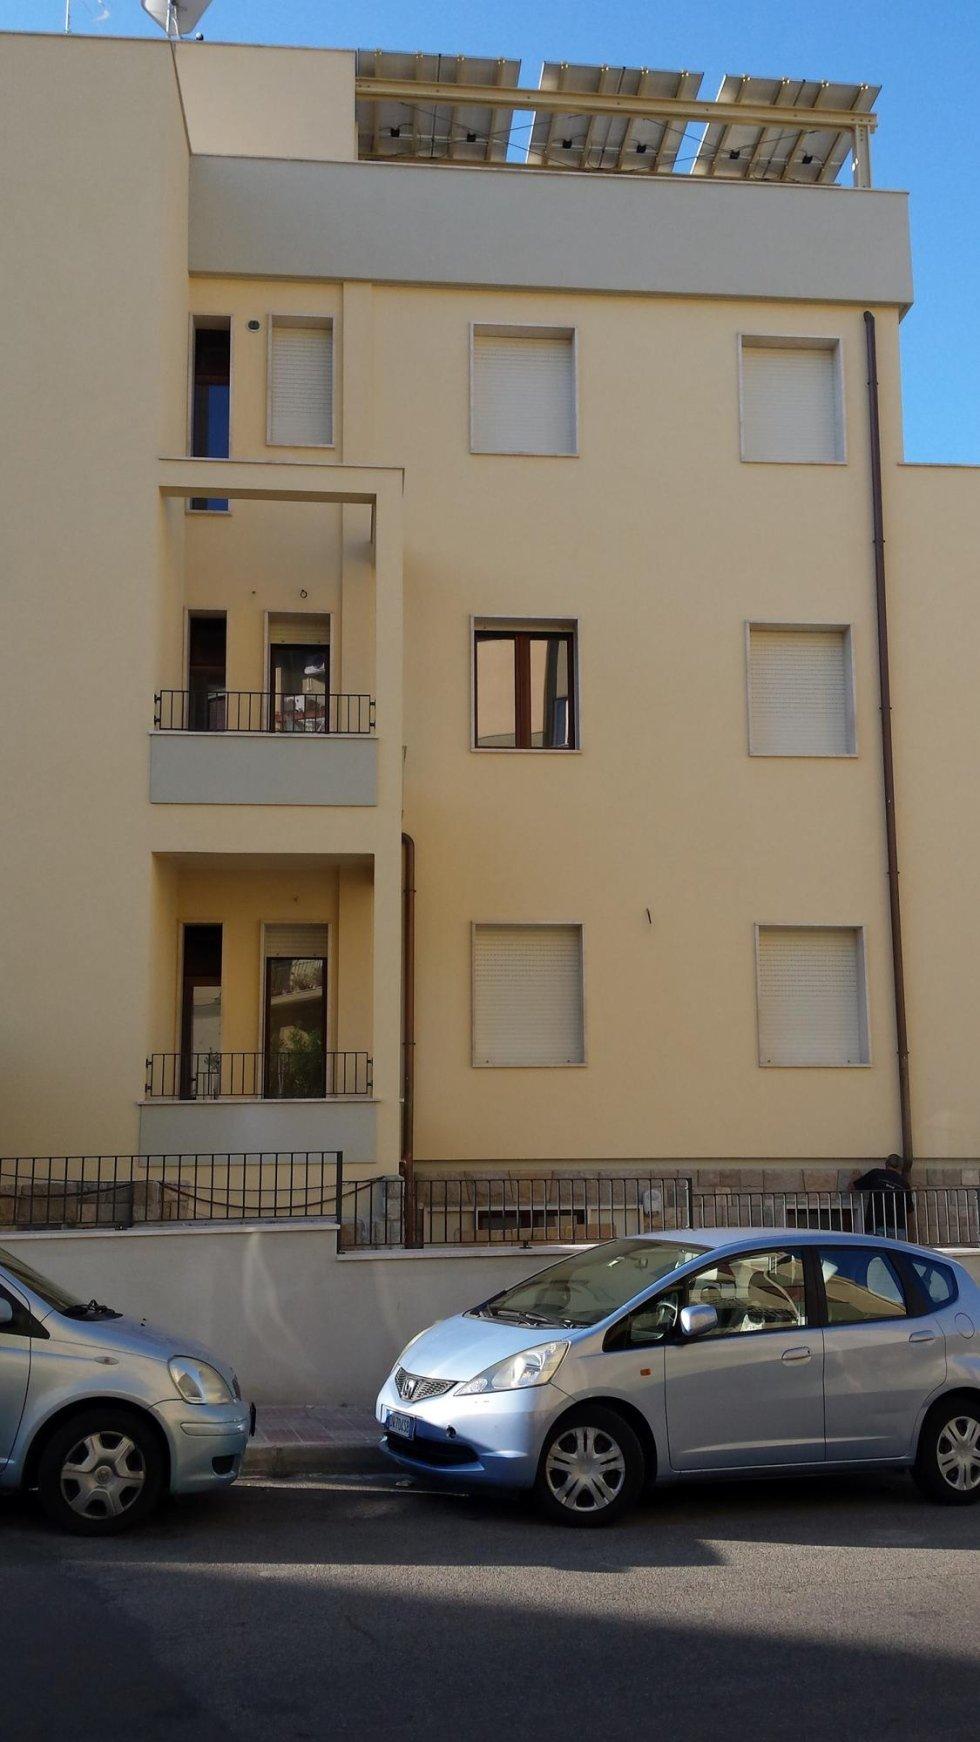 Ristrutturazione chiavi in mano Cagliari